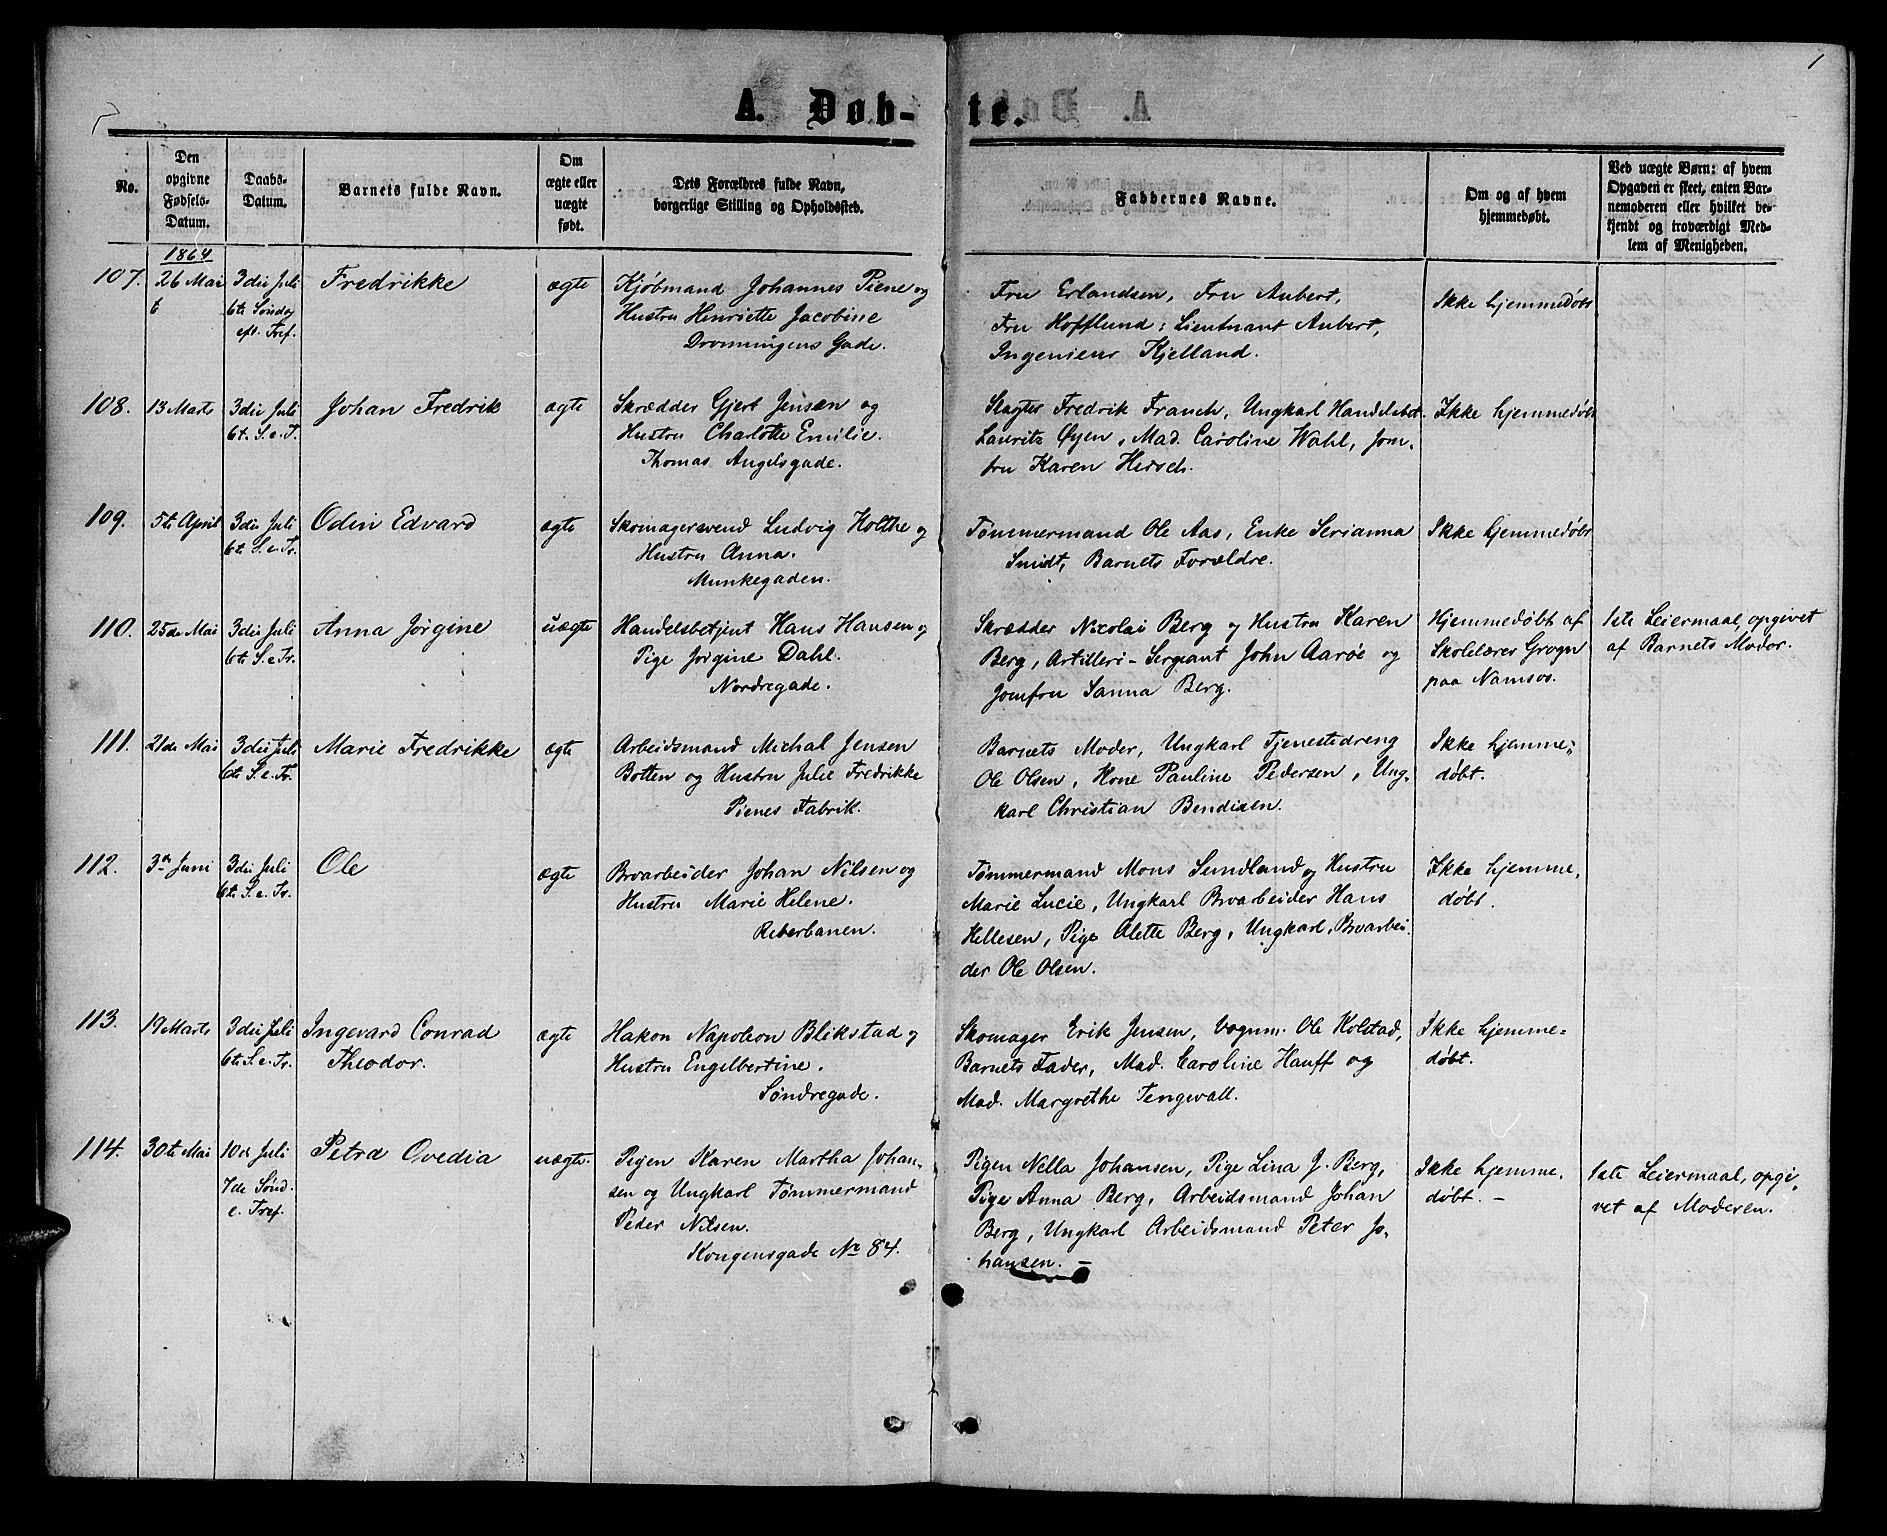 SAT, Ministerialprotokoller, klokkerbøker og fødselsregistre - Sør-Trøndelag, 601/L0087: Klokkerbok nr. 601C05, 1864-1881, s. 1